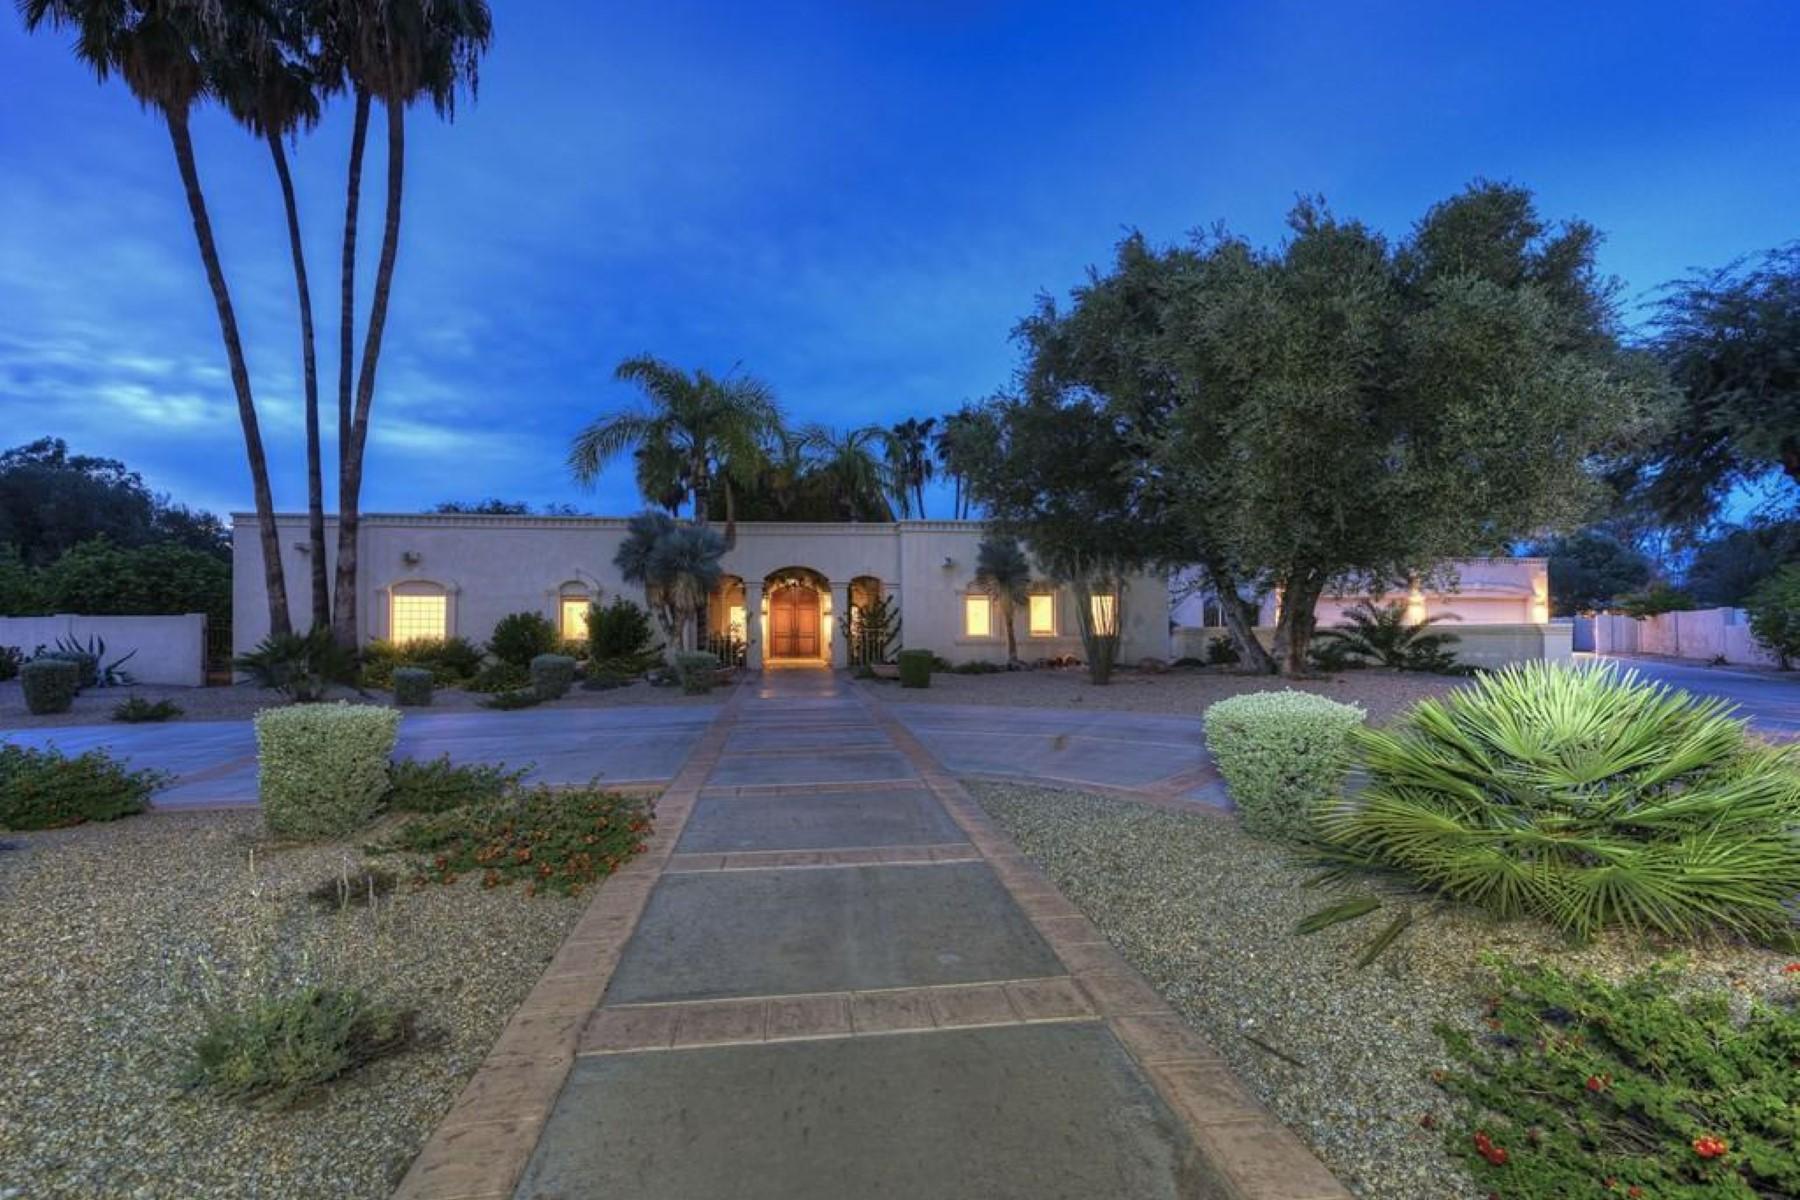 Casa para uma família para Venda às Large interior cul-de-sac lot within prestigious guard gated Equestrian Manor 6030 E LAUREL LN Scottsdale, Arizona 85254 Estados Unidos